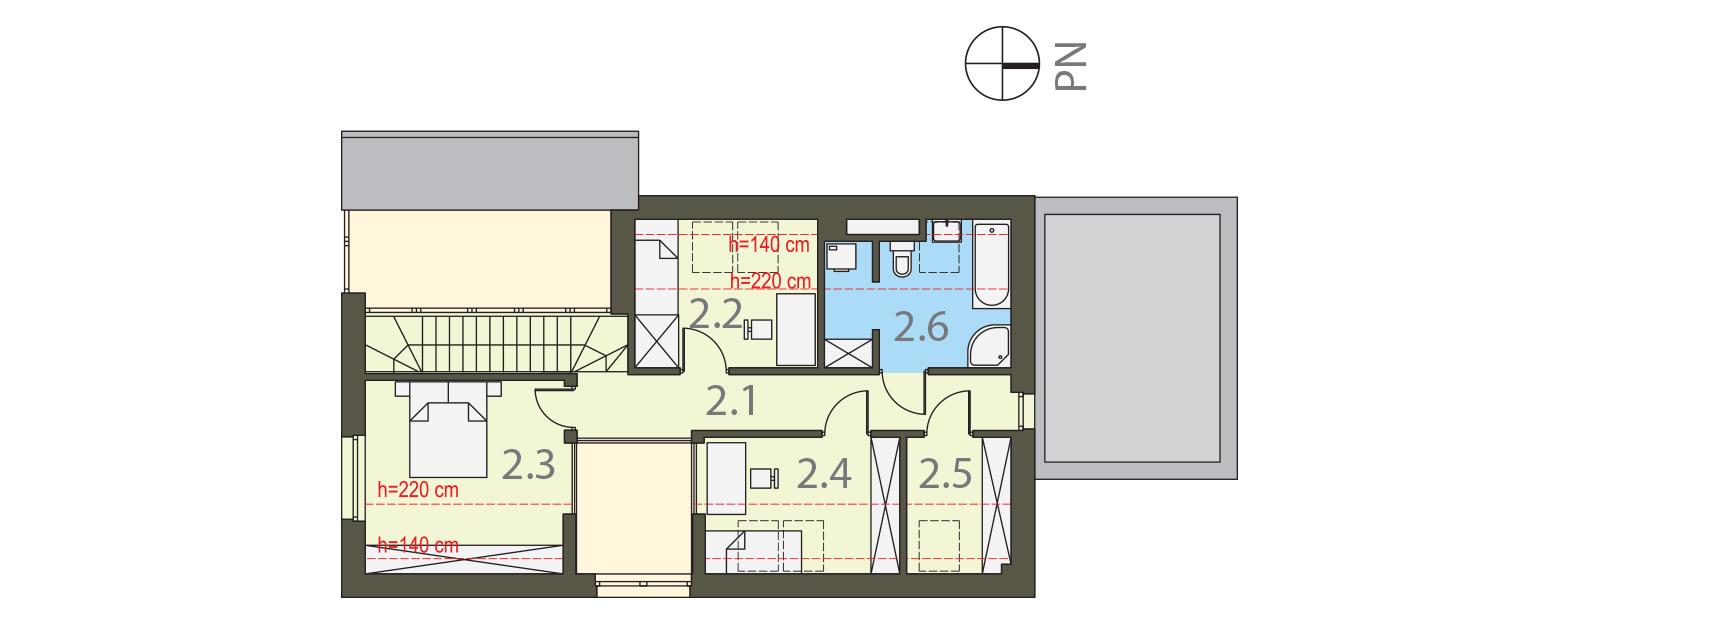 Projekt domu WYCIĘTY Z ANTRESOLĄ Domy Czystej Energii rzut piętra